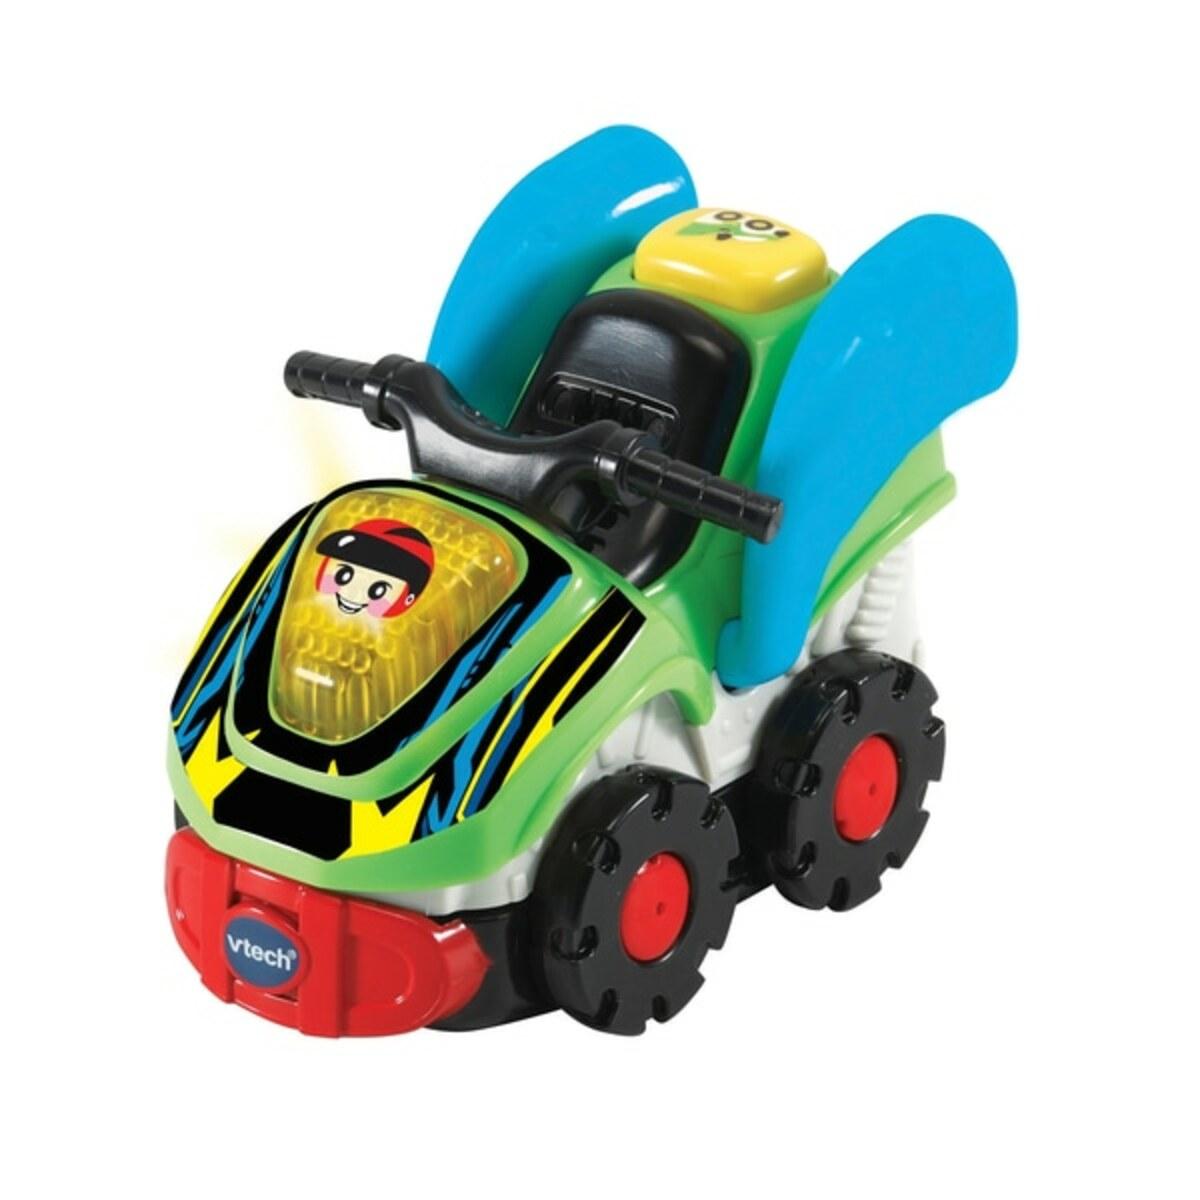 Bild 2 von VTech - Tut Tut Baby Flitzer: Quad